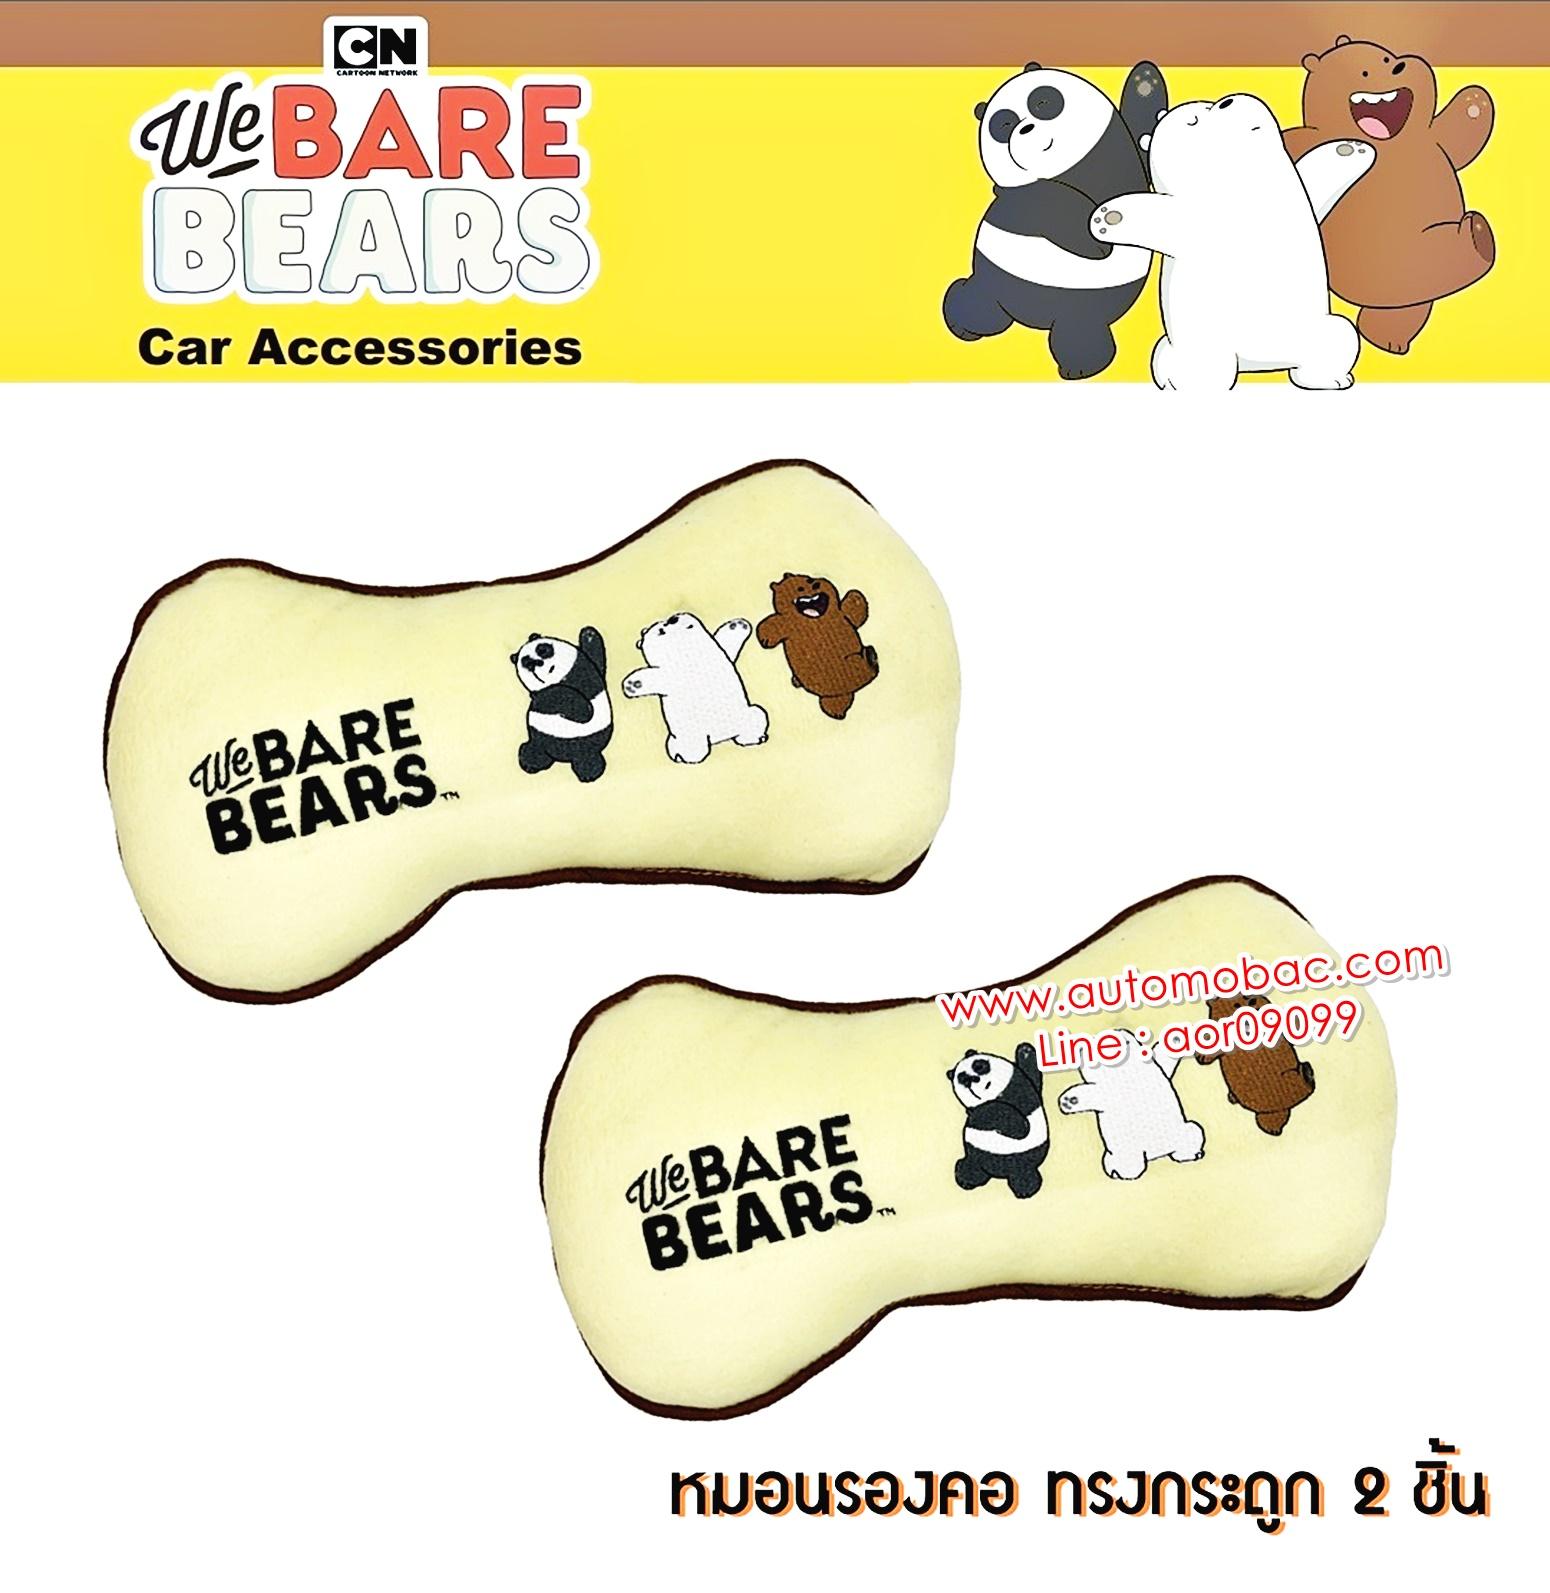 We Bare Bears หมอนรองคอ ทรงกระดูก 2 ใบ งานผ้าผสมหนัง ขนาด 28 x16cm. สำหรับหนุนคอ ลดอาการปวดเมื่อย